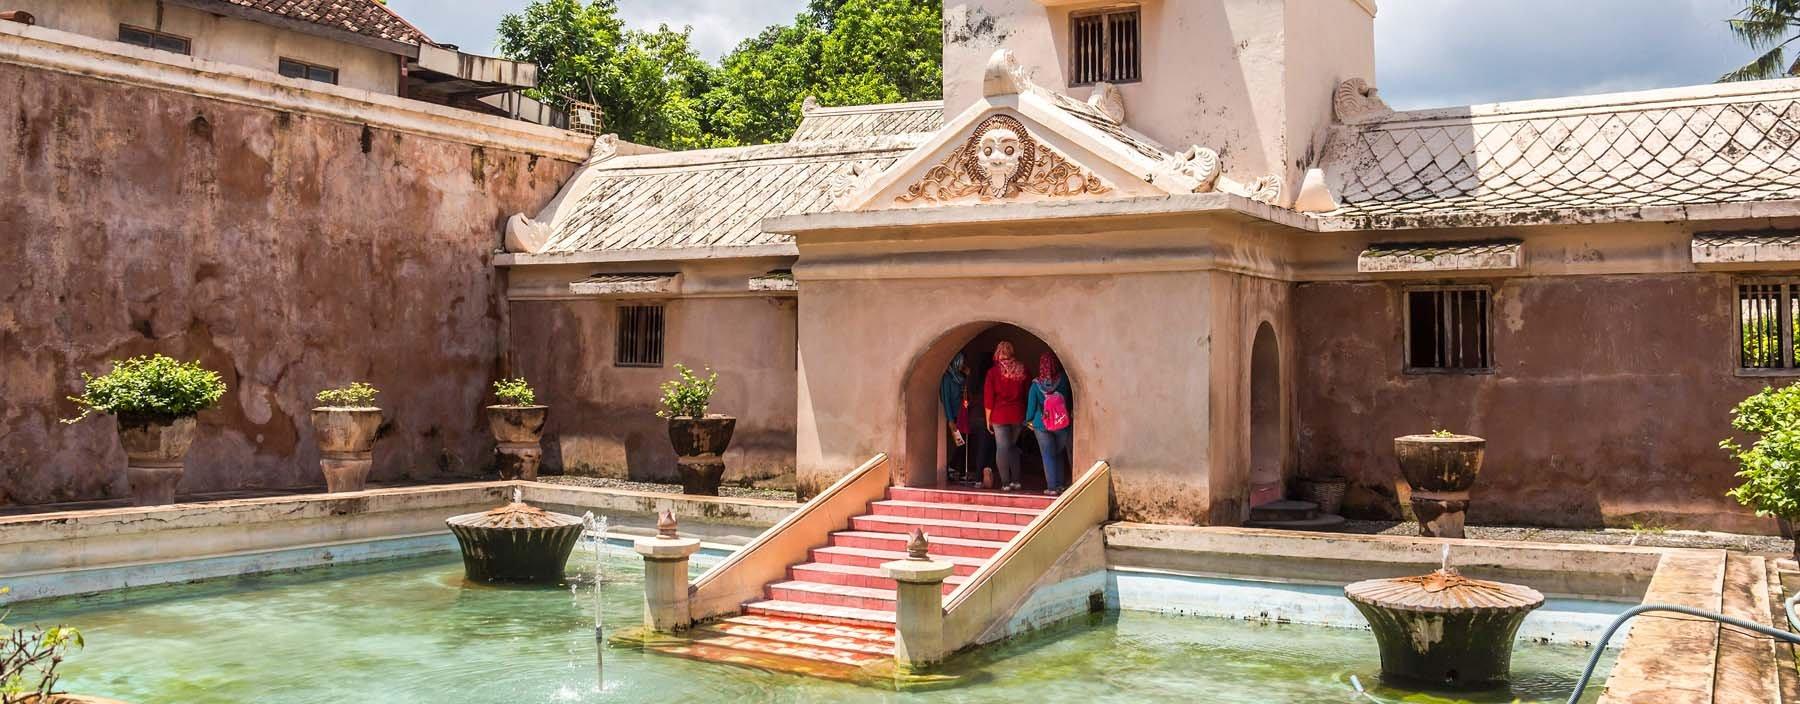 id, java, inside taman sari water castle jogjakarta.jpg